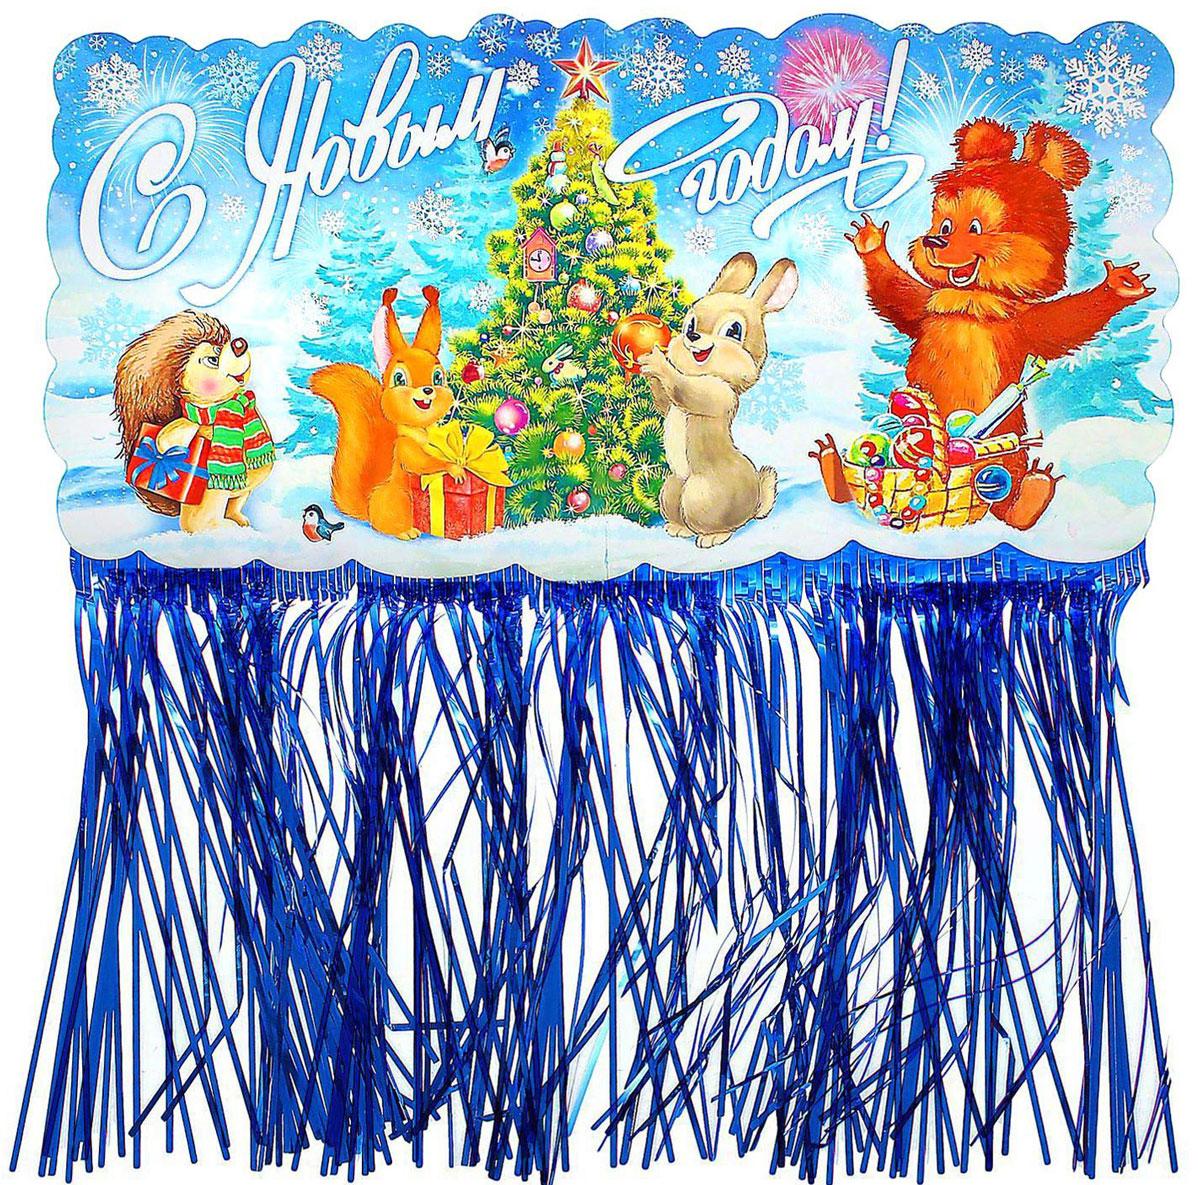 Гирлянда С Новым годом!, с блестящим дождиком, 24,8 х 50,1 см. 13552311355231Оформление — важная часть любого торжества, особенно Нового года. Яркие украшения для интерьера создадут особую атмосферу в вашем доме и подарят радость. Красочная гирлянда придется по душе каждому. Подвесьте ее в комнате, и праздничное настроение не заставит себя ждать. Изделие выполнено из картона. Поставляется в пакете с яркой дизайнерской подложкой.